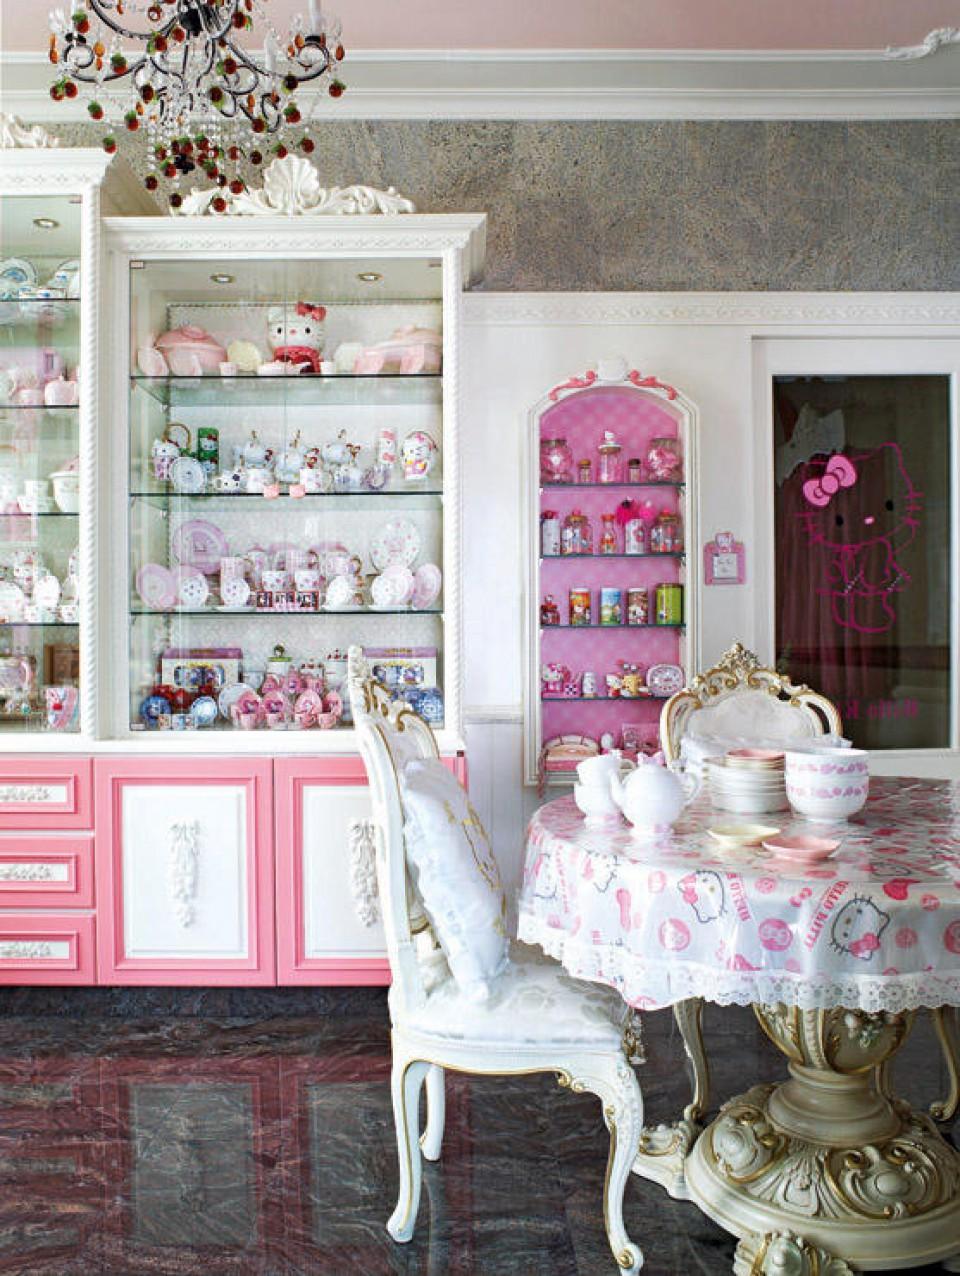 Rumah Tema Hello Kitty Dari Hiasan Sampai Furniture Serba Pink Dan Putih Ala Kucing Ikonik Sanrio Furnizing